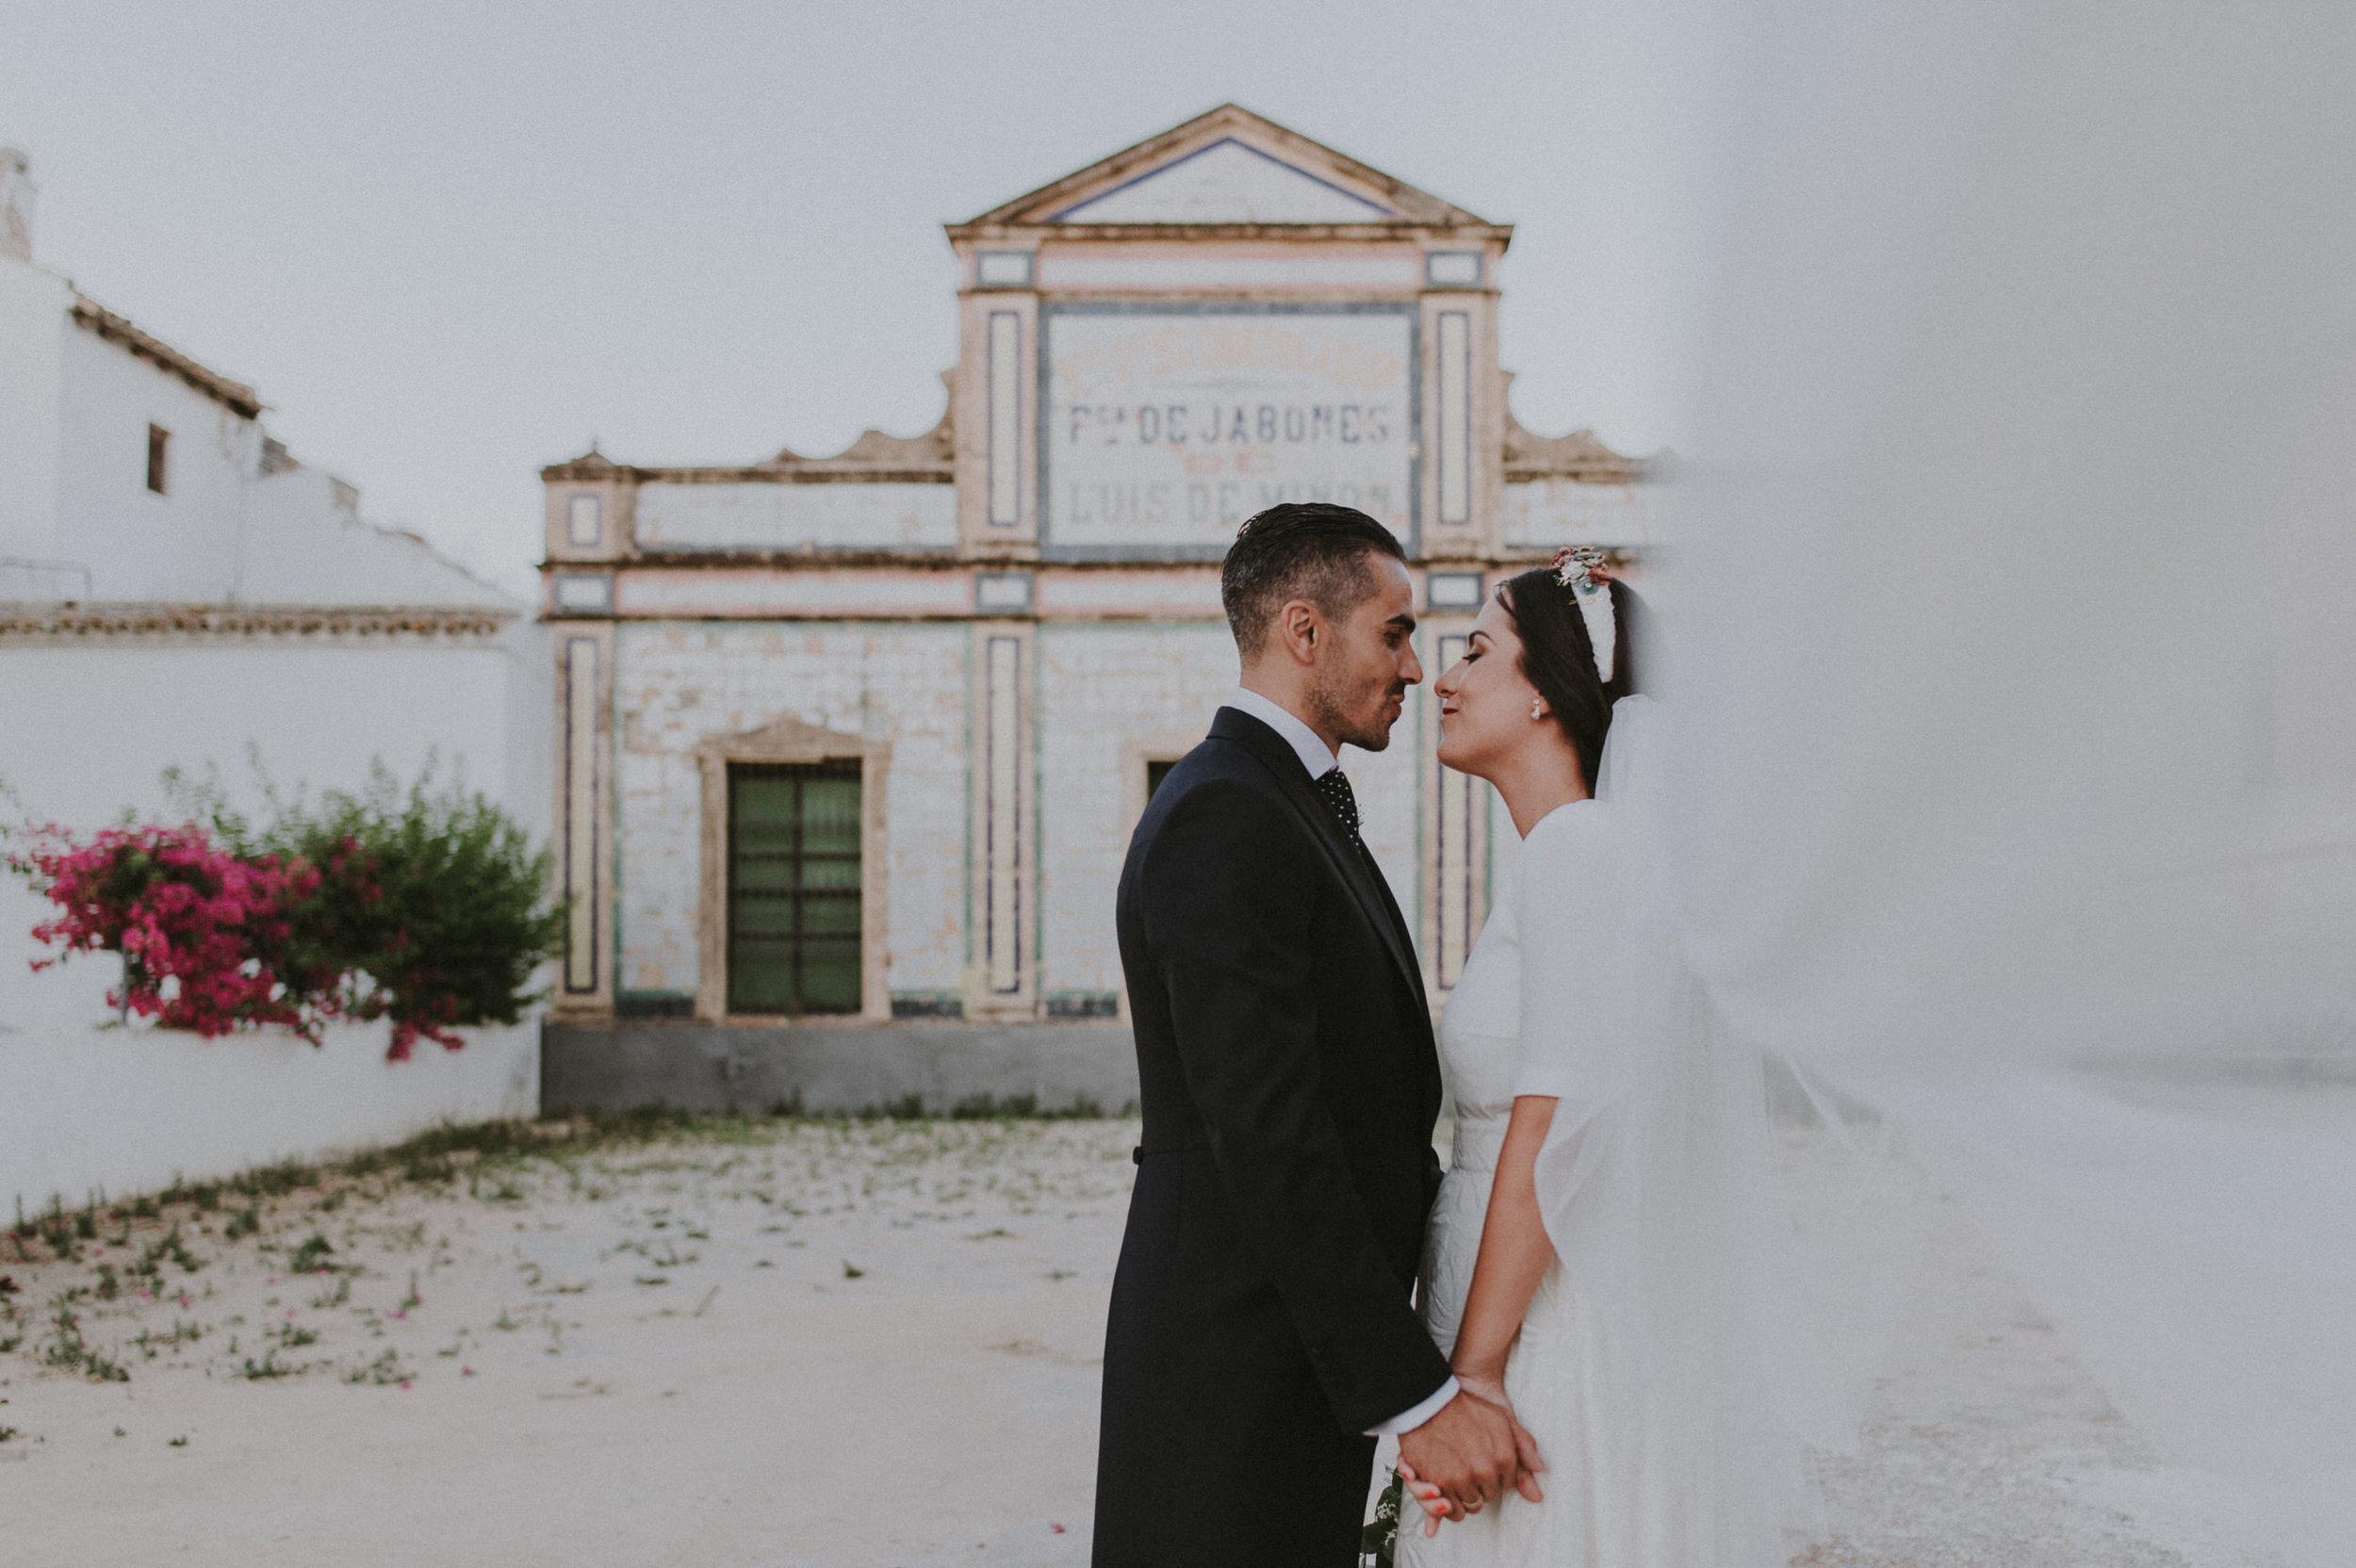 Rocío & Antonio - Boda en Consolación y Rovira Utrera - fotógrafo Andrés Amarillo  (29).JPG